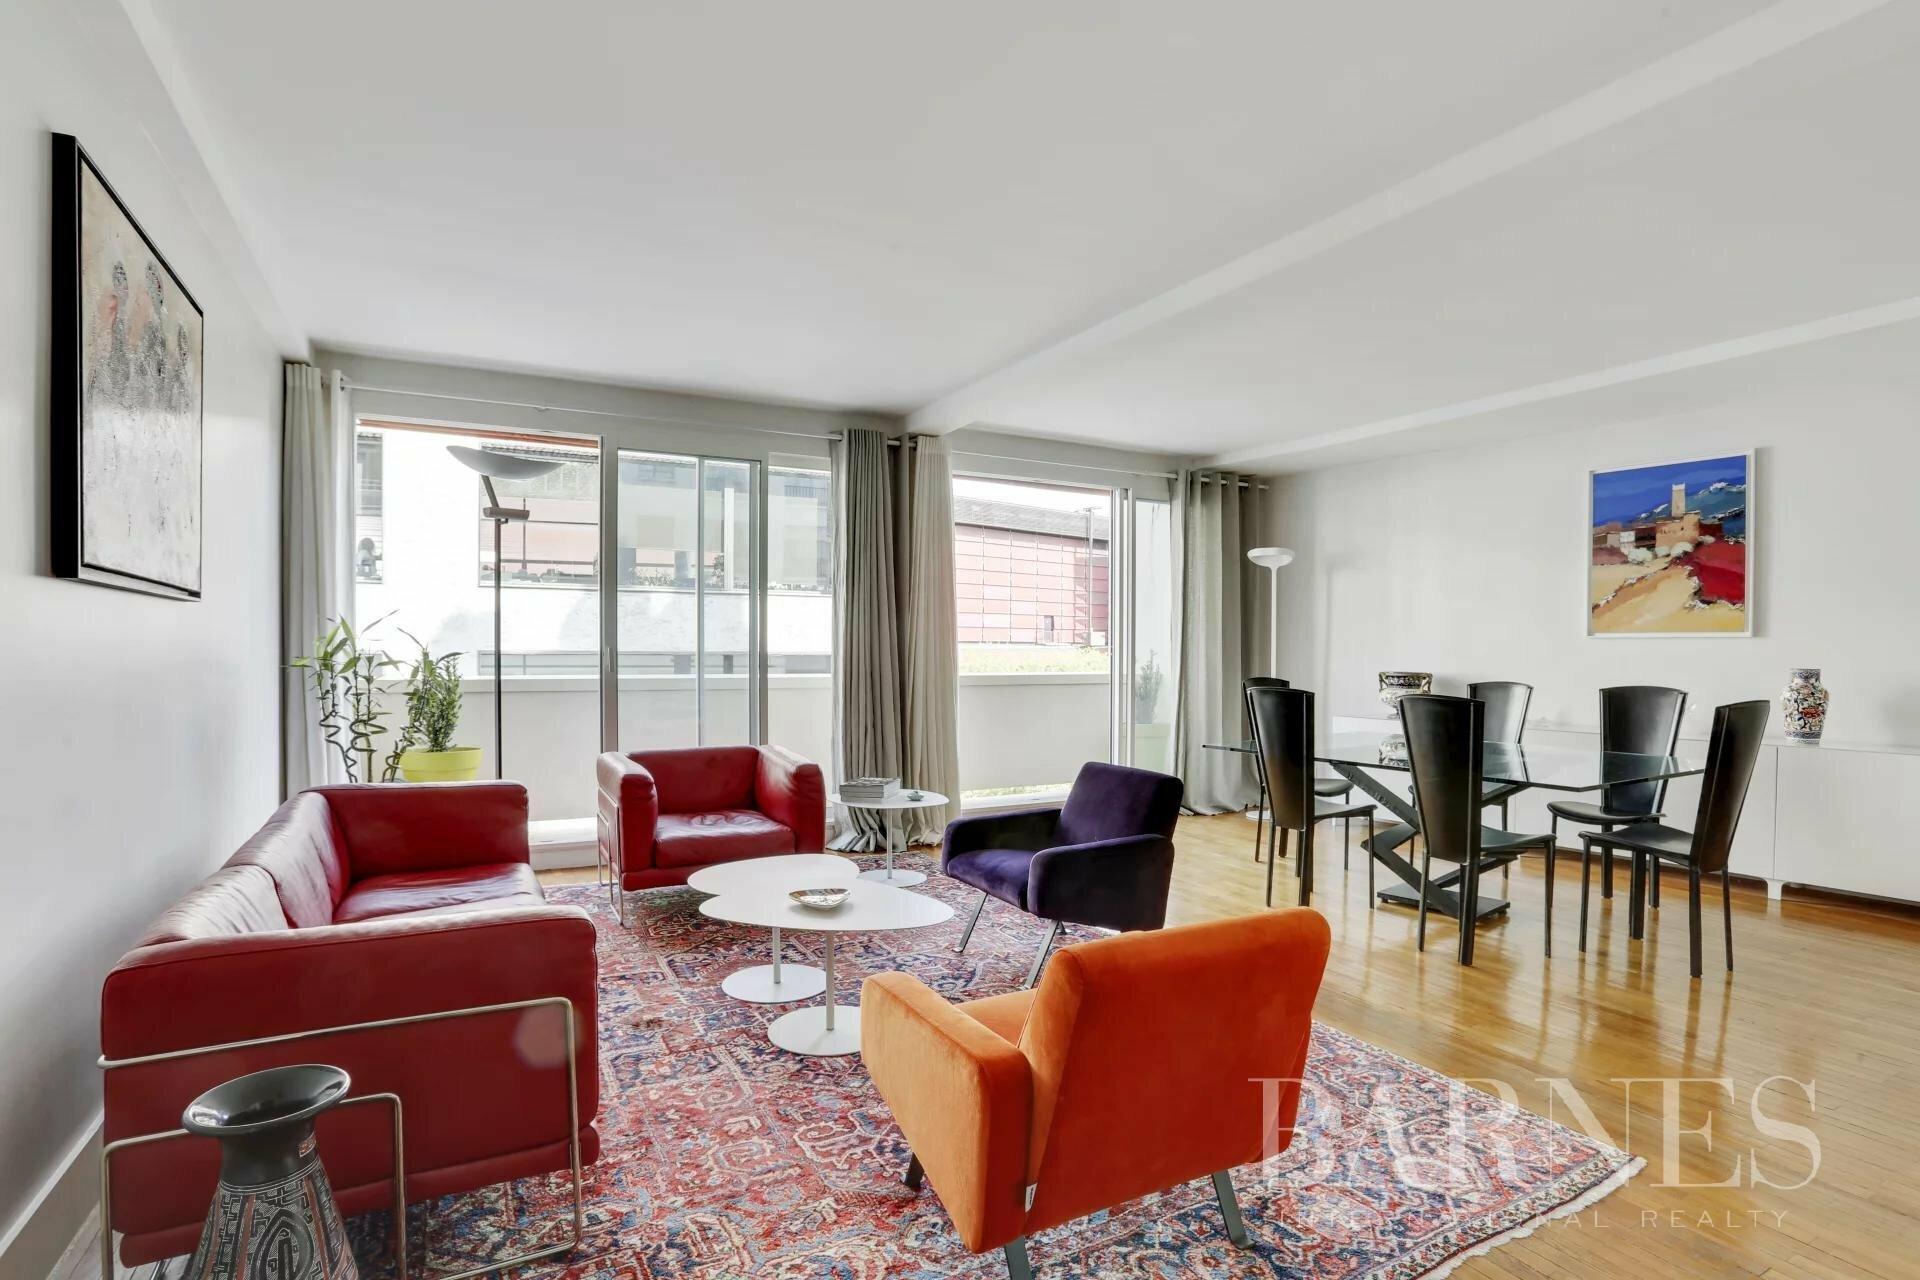 Appartamento a Parigi, Île-de-France, Francia 1 - 11439670